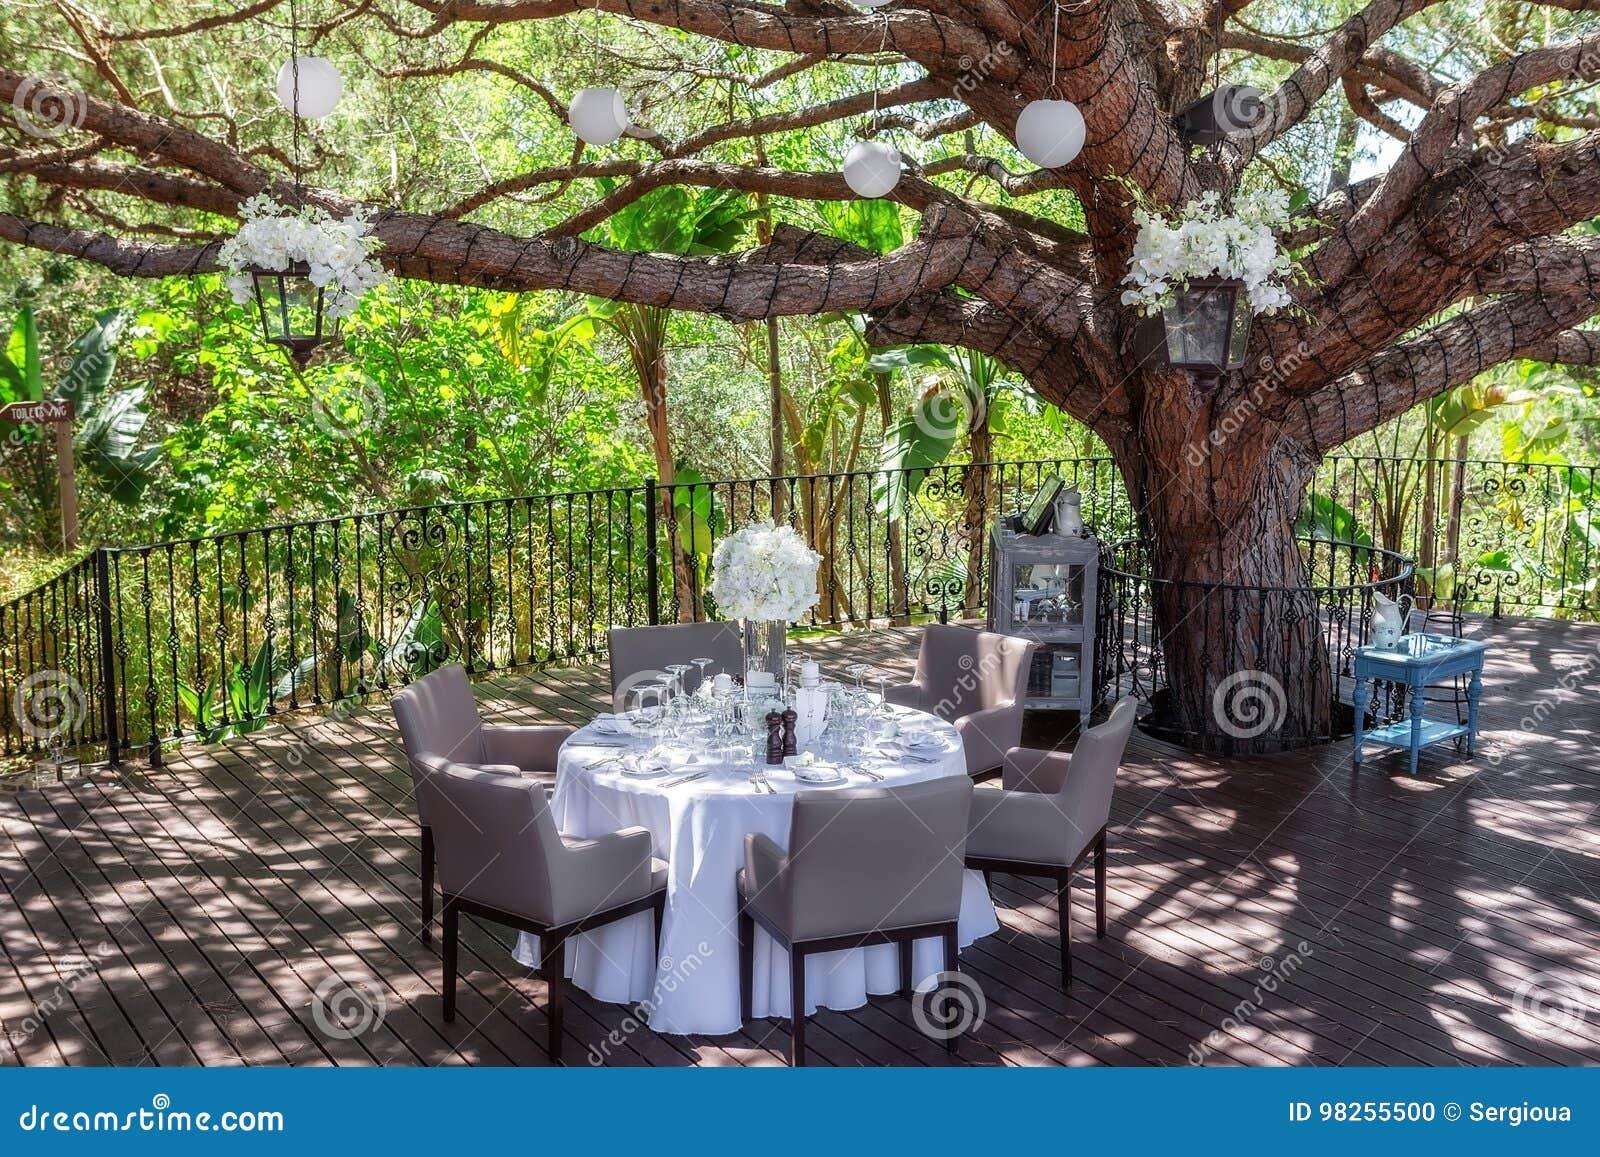 Decoration Table Mariage Arbre.Table De Mariage Dans Le Jardin Sous Un Arbre Photo Stock